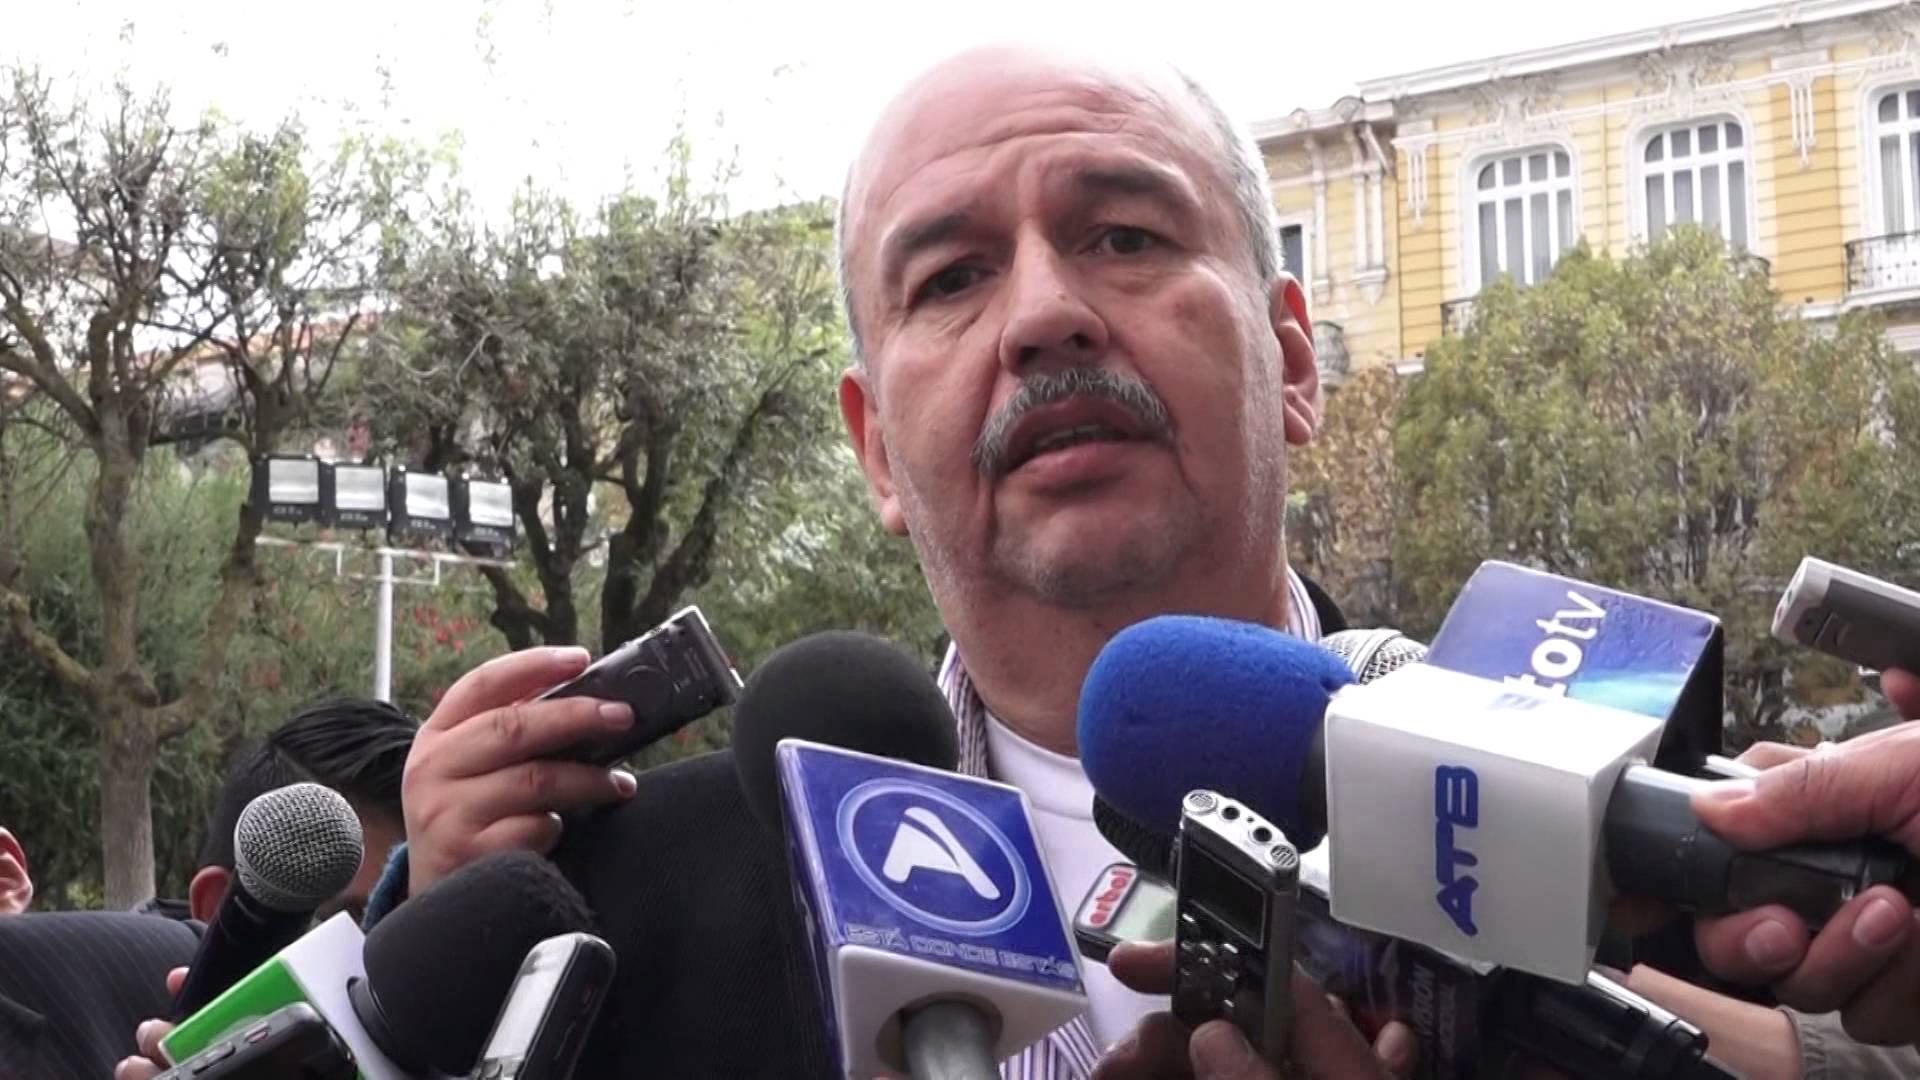 Oposición denuncia a Cecilia Chacón por la compra de 6 helicópteros con sobreprecio